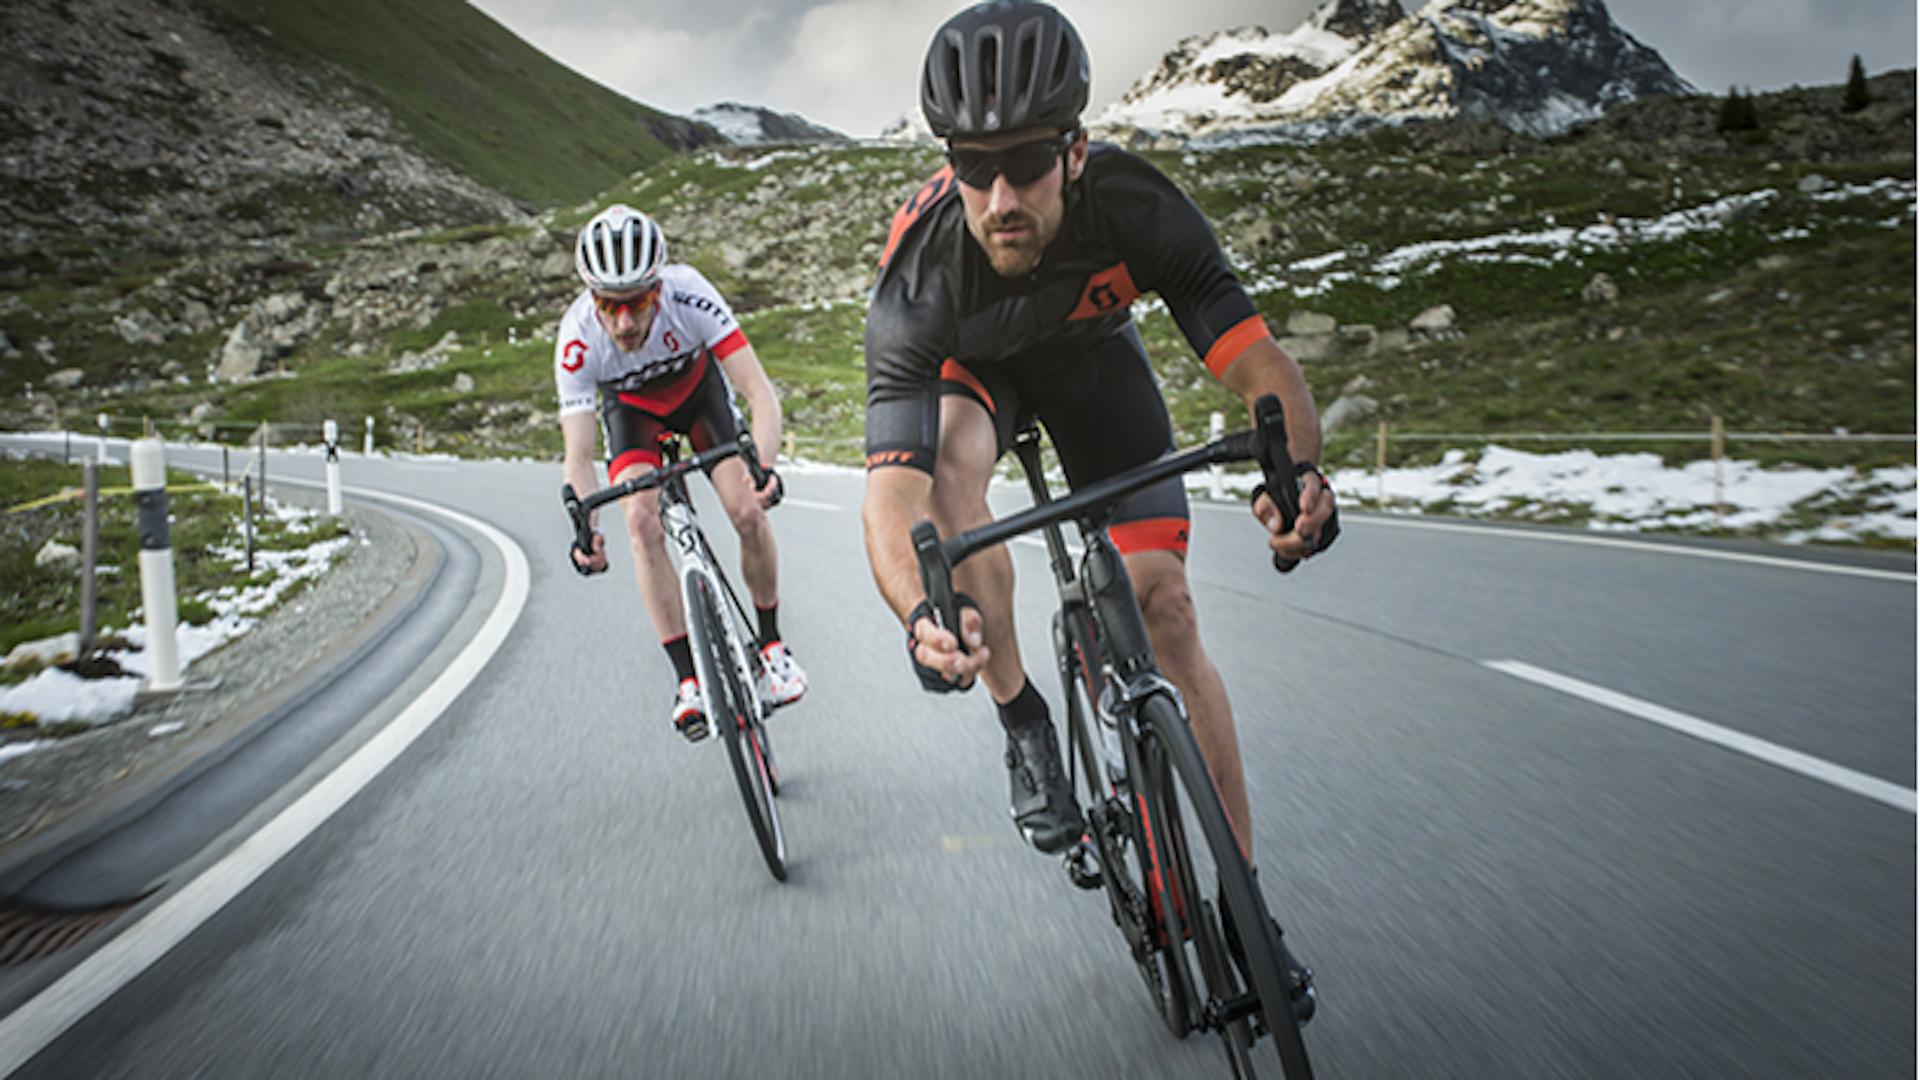 Les meilleurs vélos de route à moins de 1000 euros pour débutants